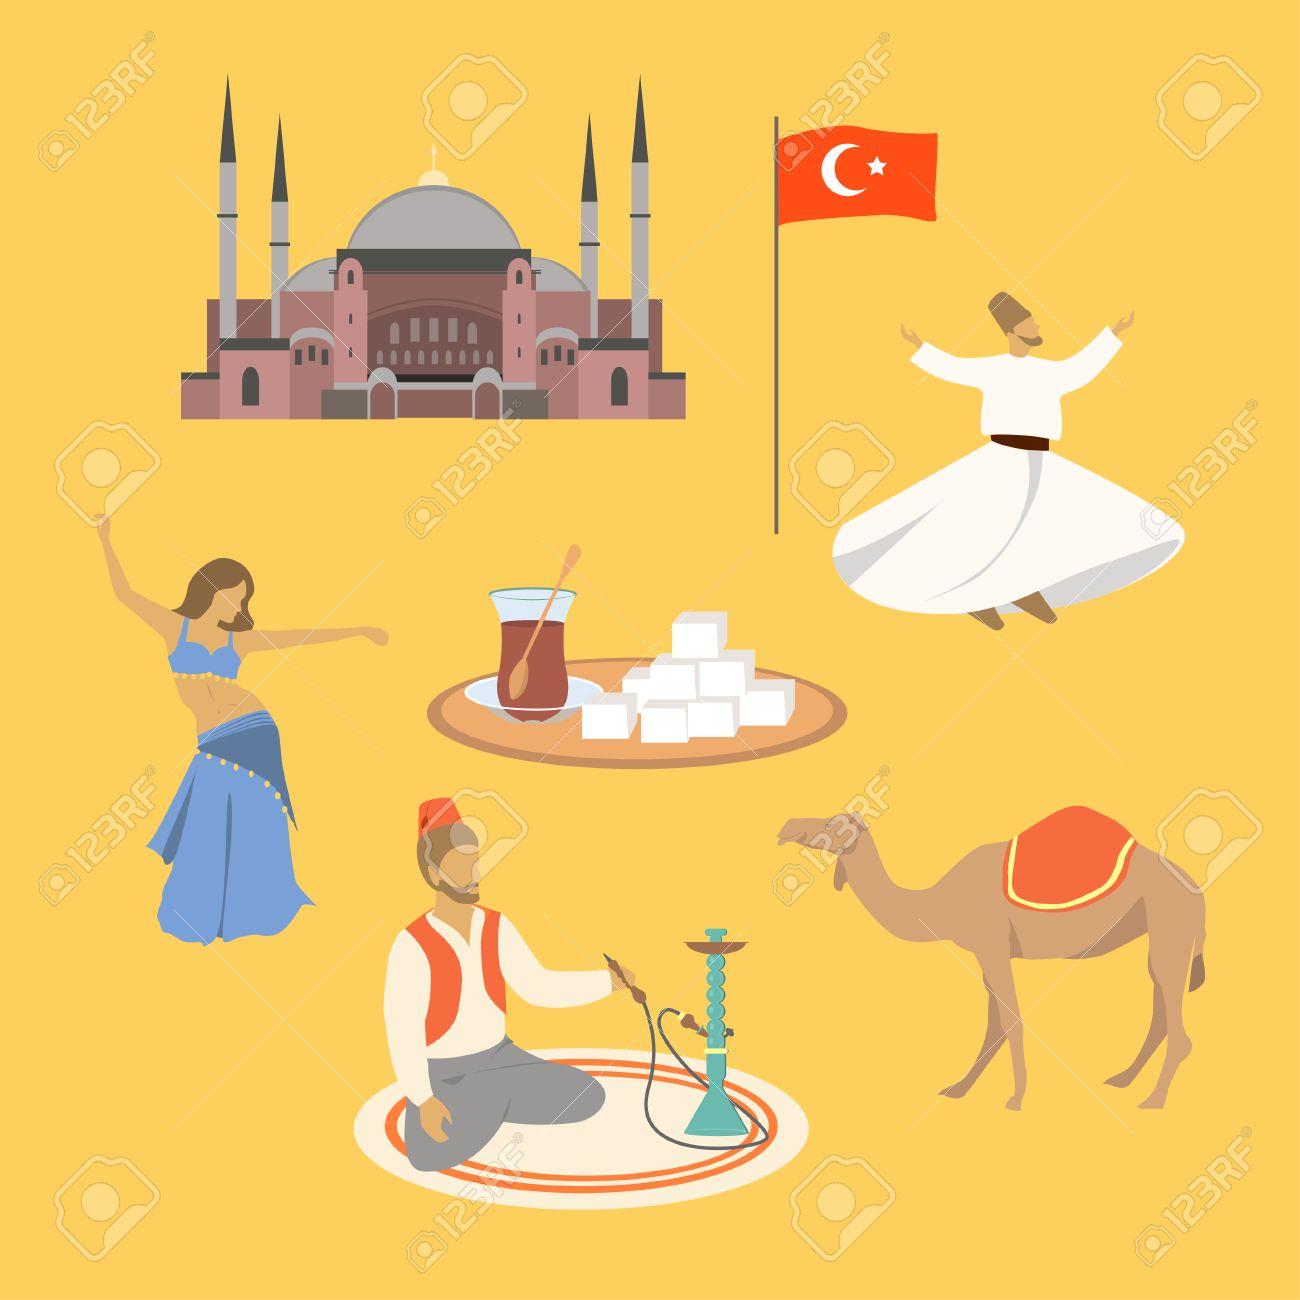 Dibujos Animados De Turquía Símbolos Y Objetos Conjunto Ilustración Vectorial Catedral De Santa Sofía Bailarina Del Vientre Té Turco Deleite